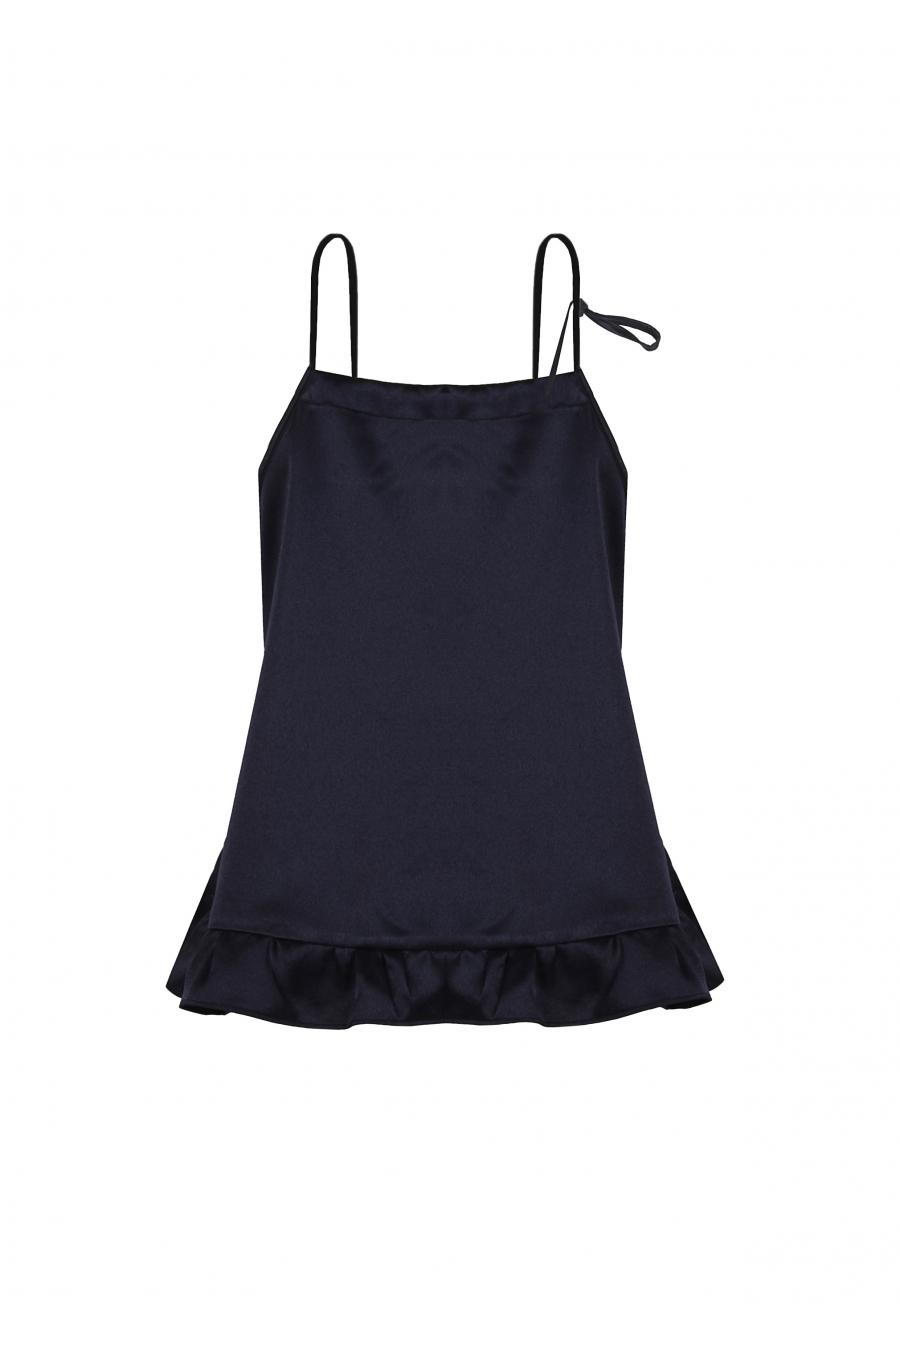 Scilla Lacivert Bluz